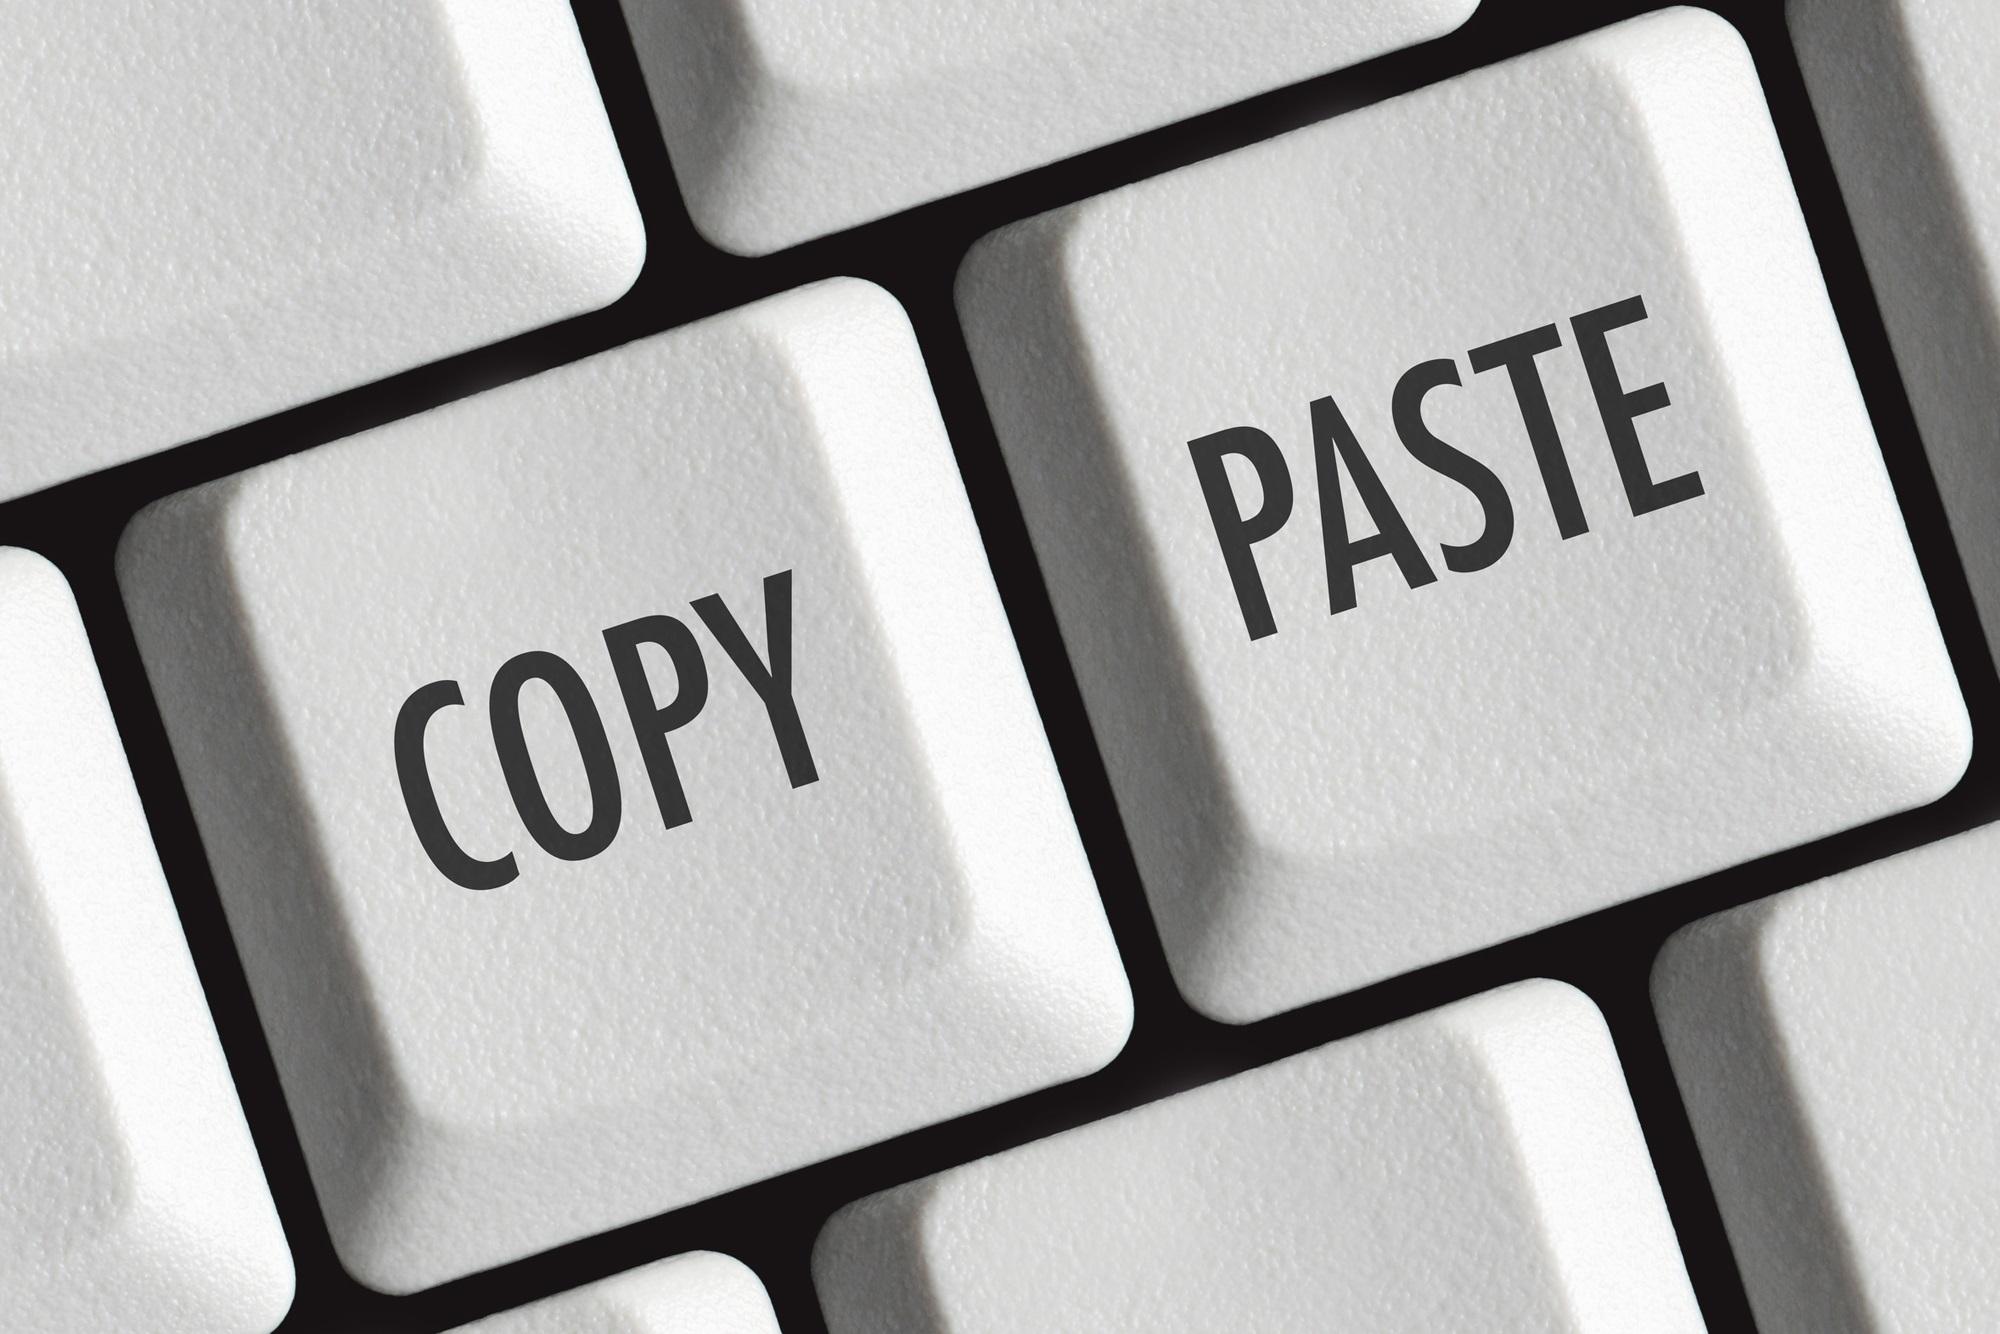 les règles relatives à la prévention et la lutte contre le plagiat.